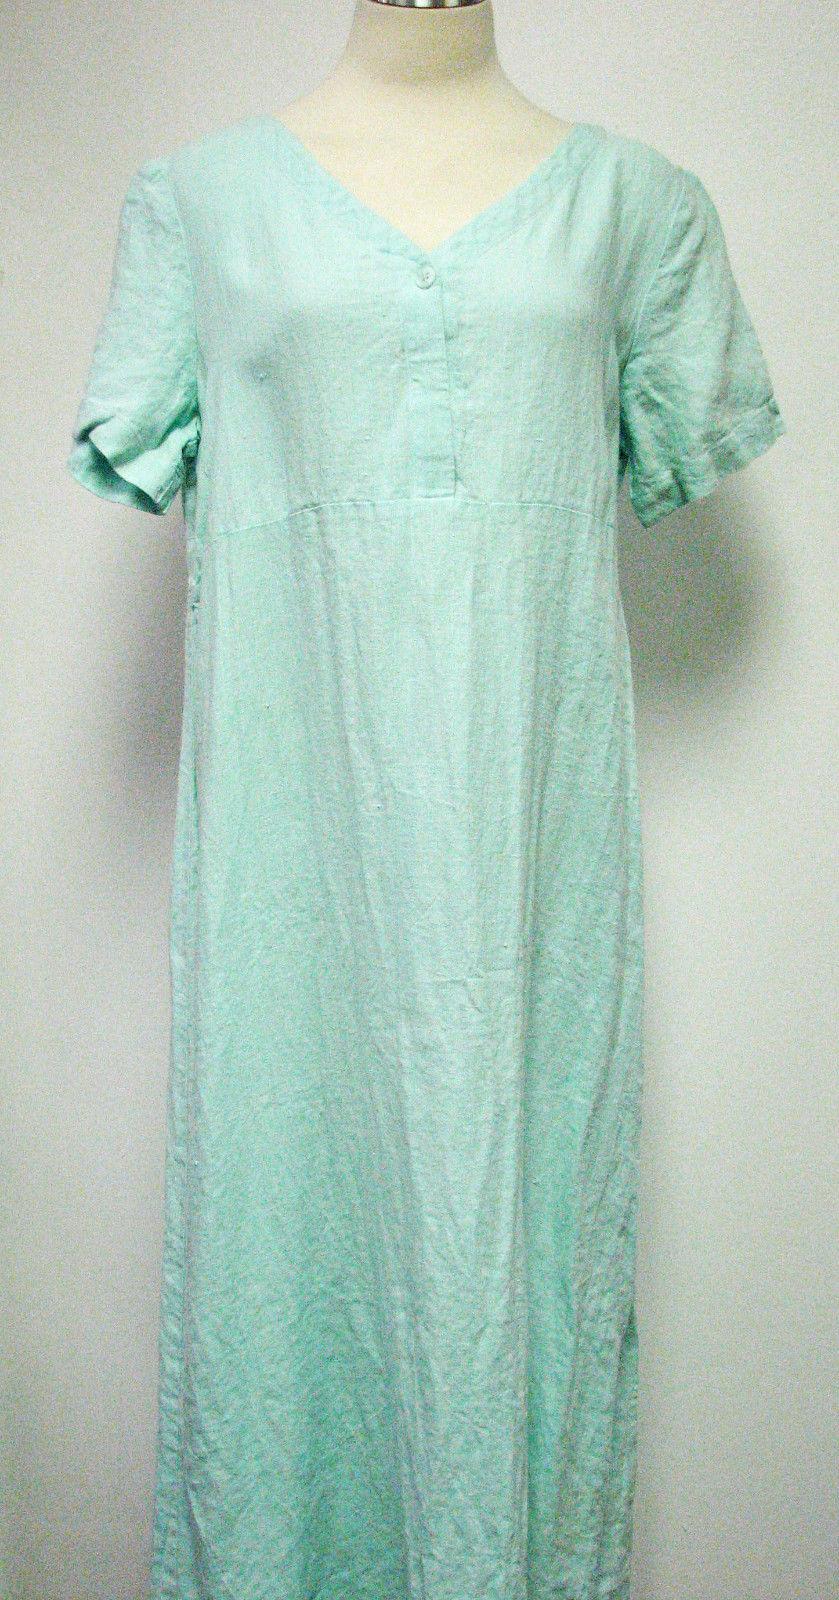 Eileen Fisher Dress S Aqua Blue Linen Blend Short Sleeve